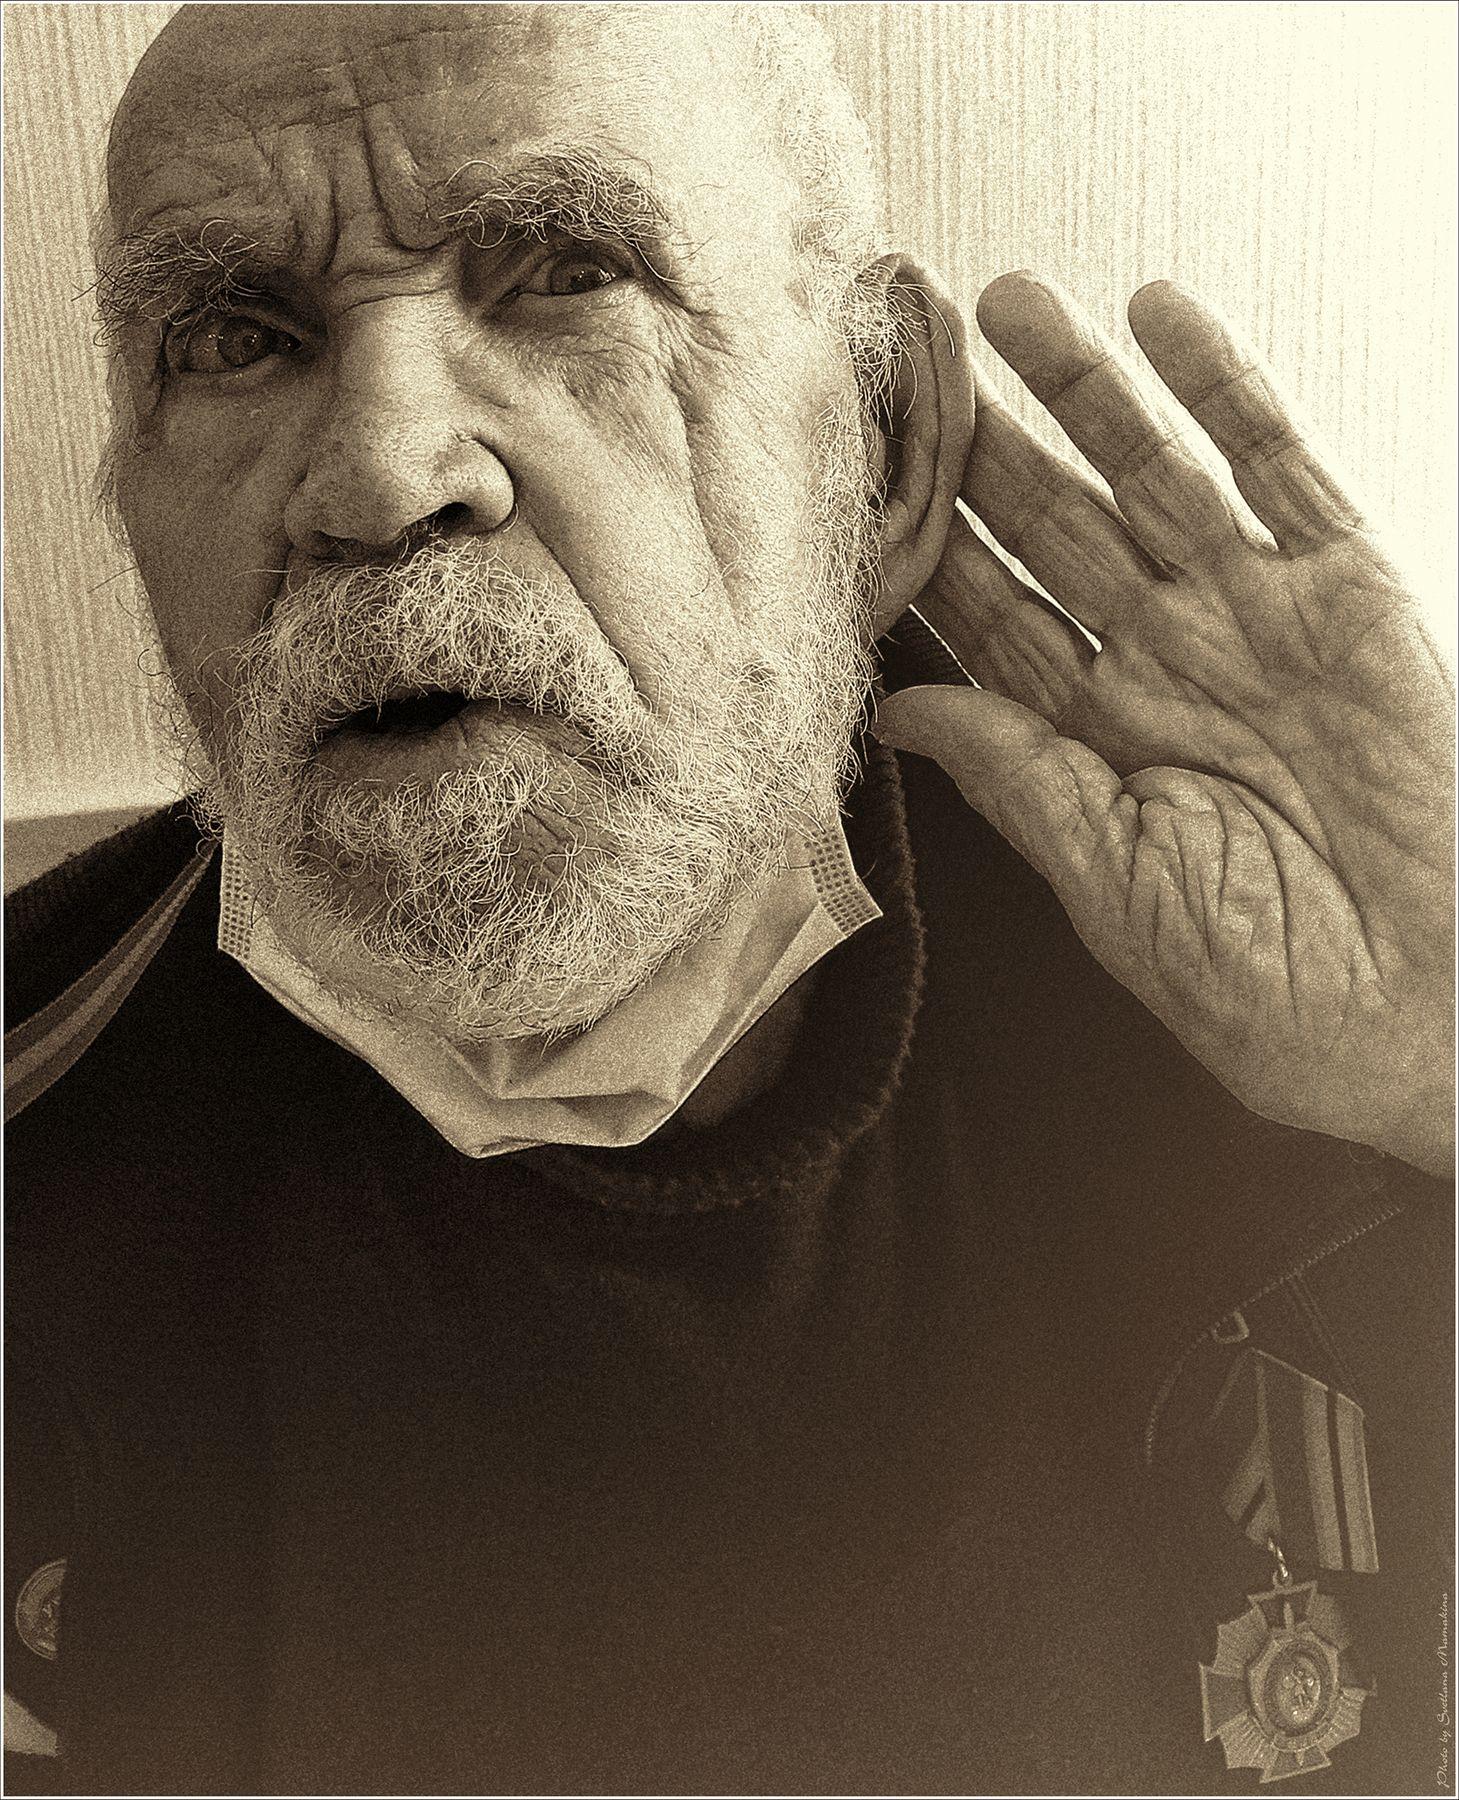 - Что?.. фотография путешествие портрет жанр ветеран Фото.Сайт Светлана Мамакина Lihgra Adventure